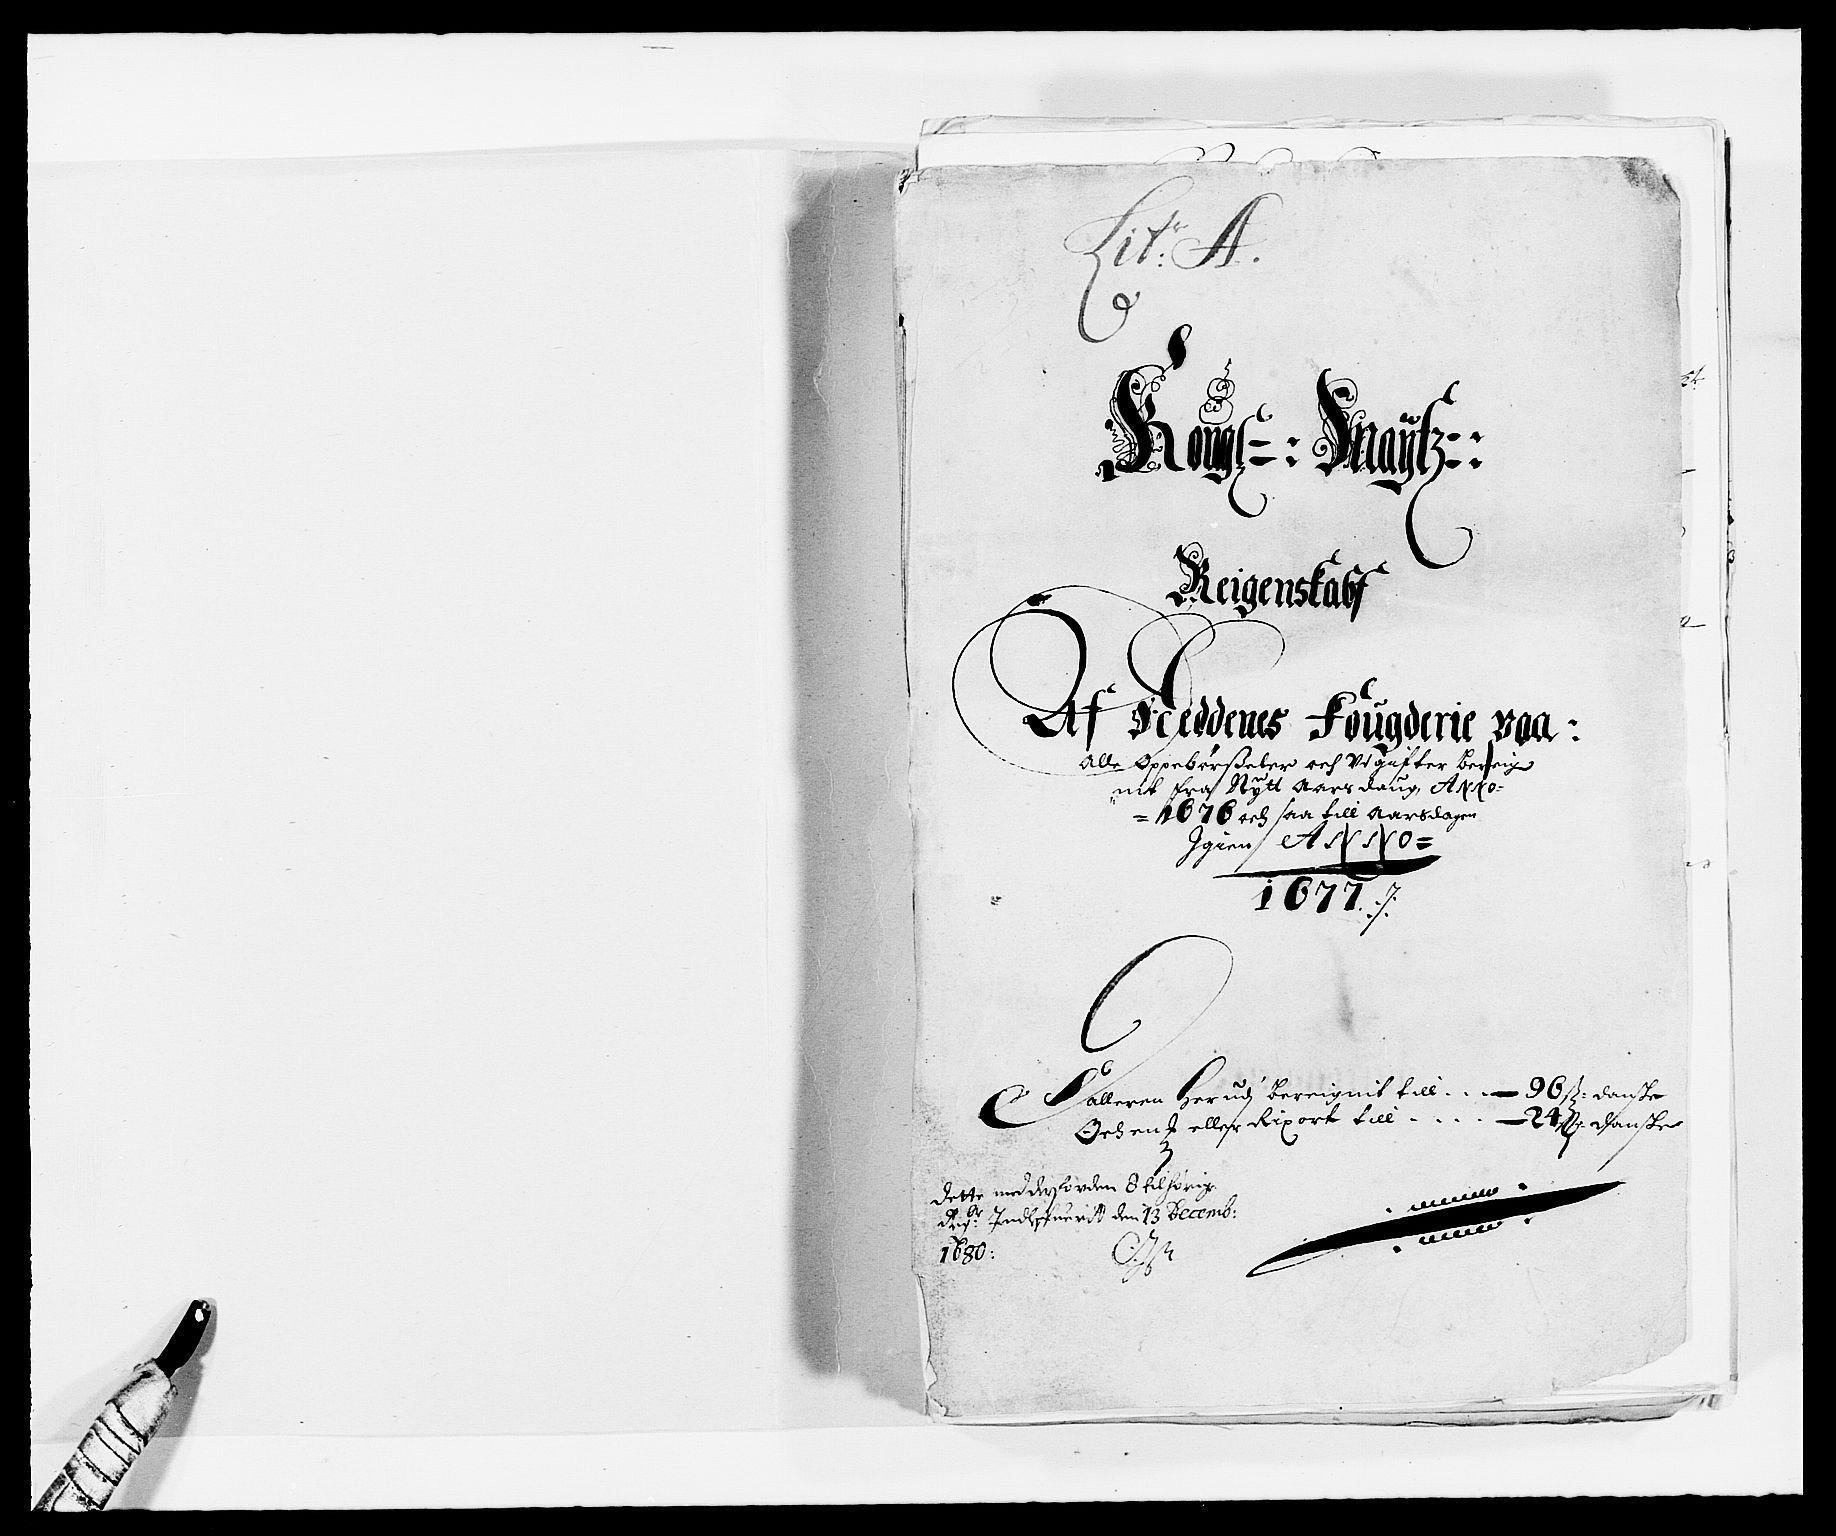 RA, Rentekammeret inntil 1814, Reviderte regnskaper, Fogderegnskap, R39/L2301: Fogderegnskap Nedenes, 1675-1676, s. 173